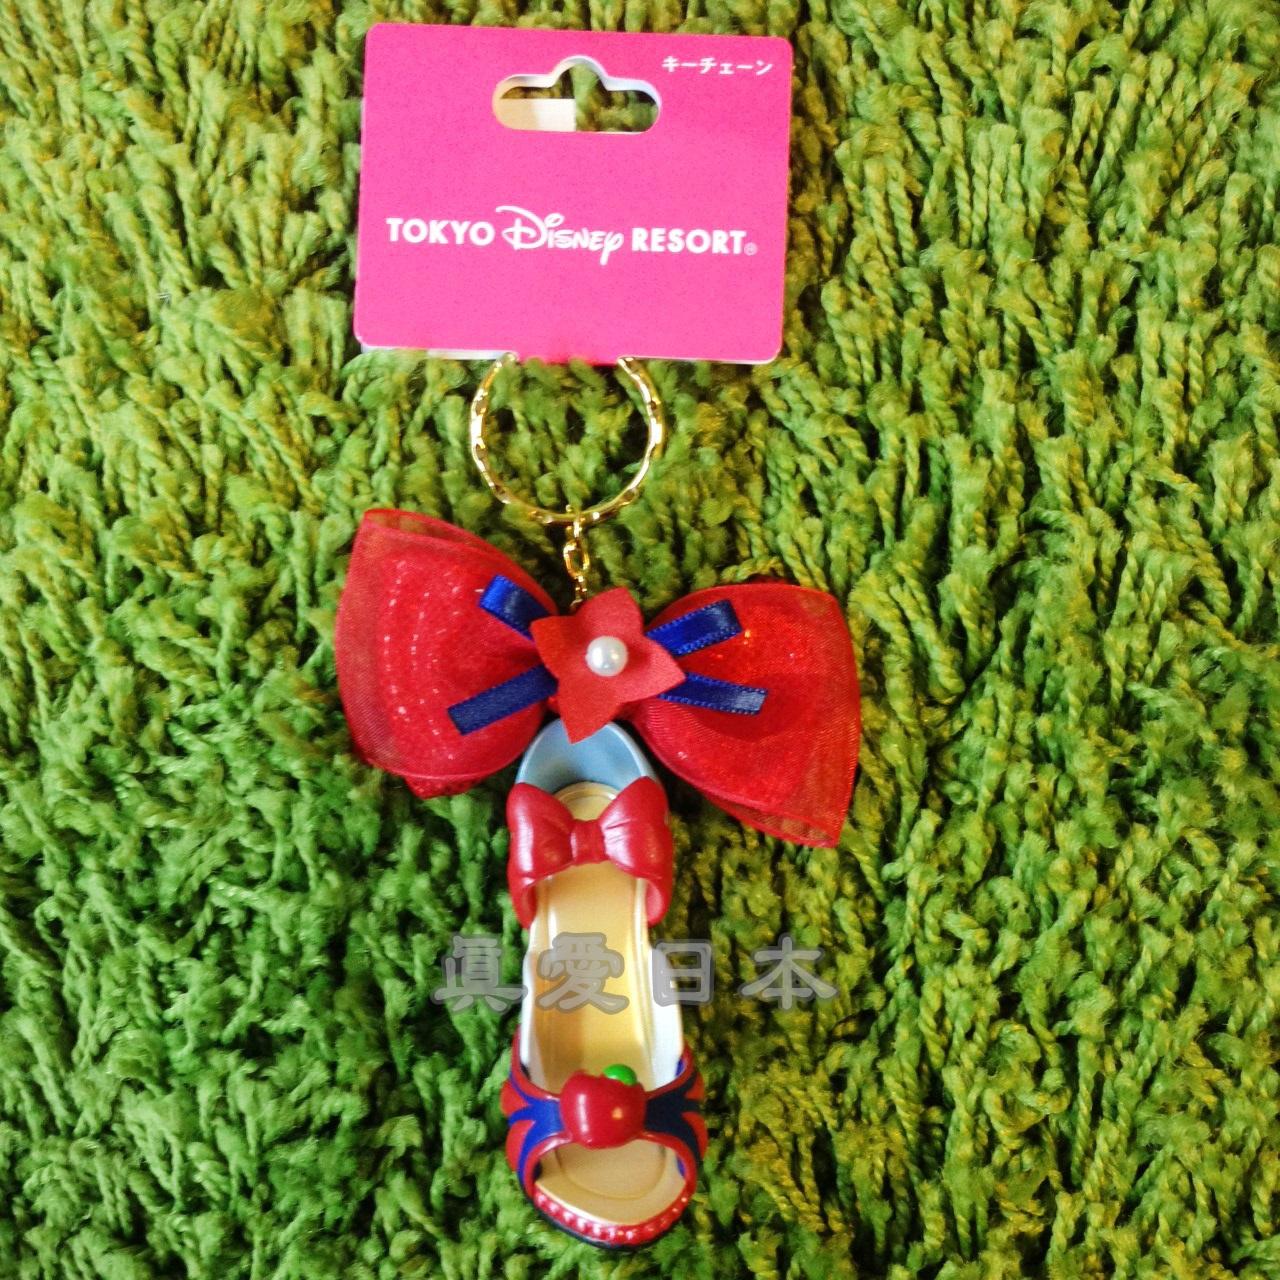 【真愛日本】16041800007樂園限定鎖圈高跟鞋-白雪公主   迪士尼 白雪公主 Schneewittchen  吊飾 飾品 鑰匙圈 正品 限量 預購